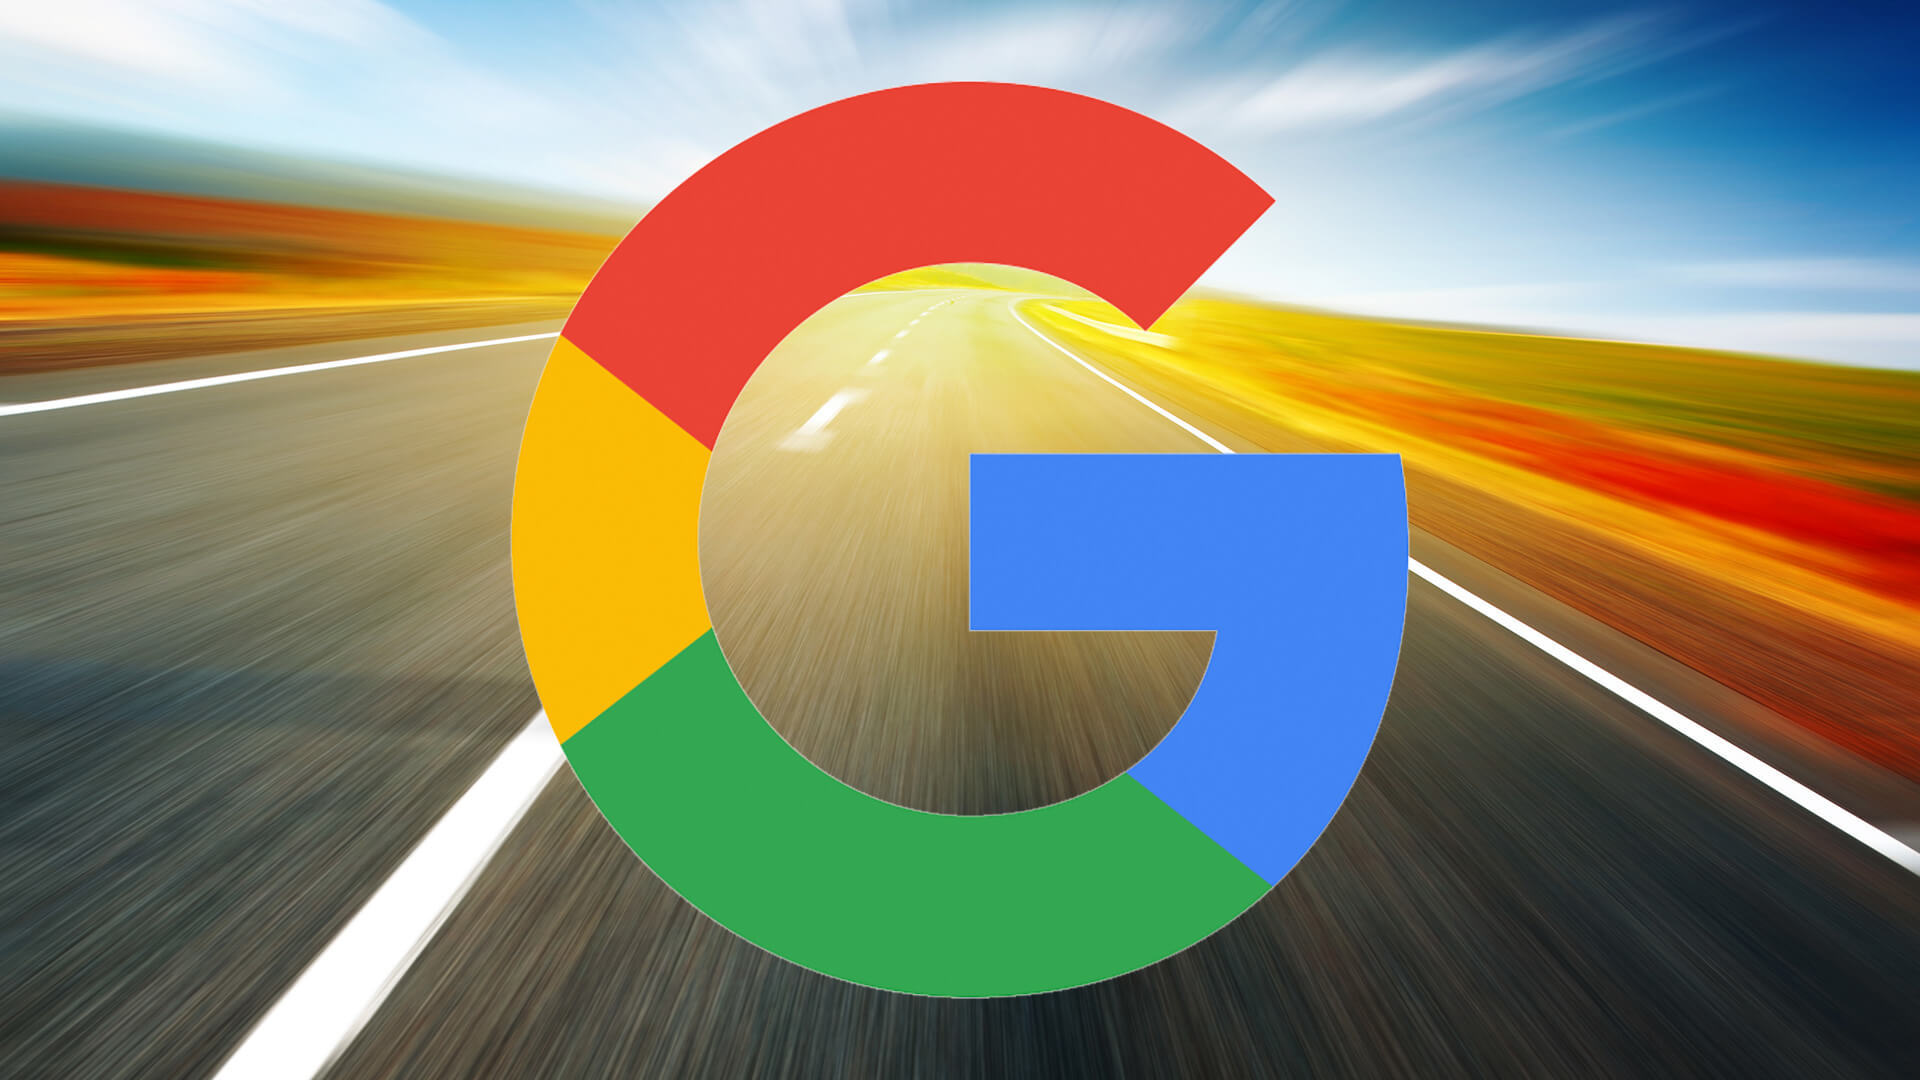 Ректор Стэнфордского университета возглавил холдинг Alphabet, который владеет Google